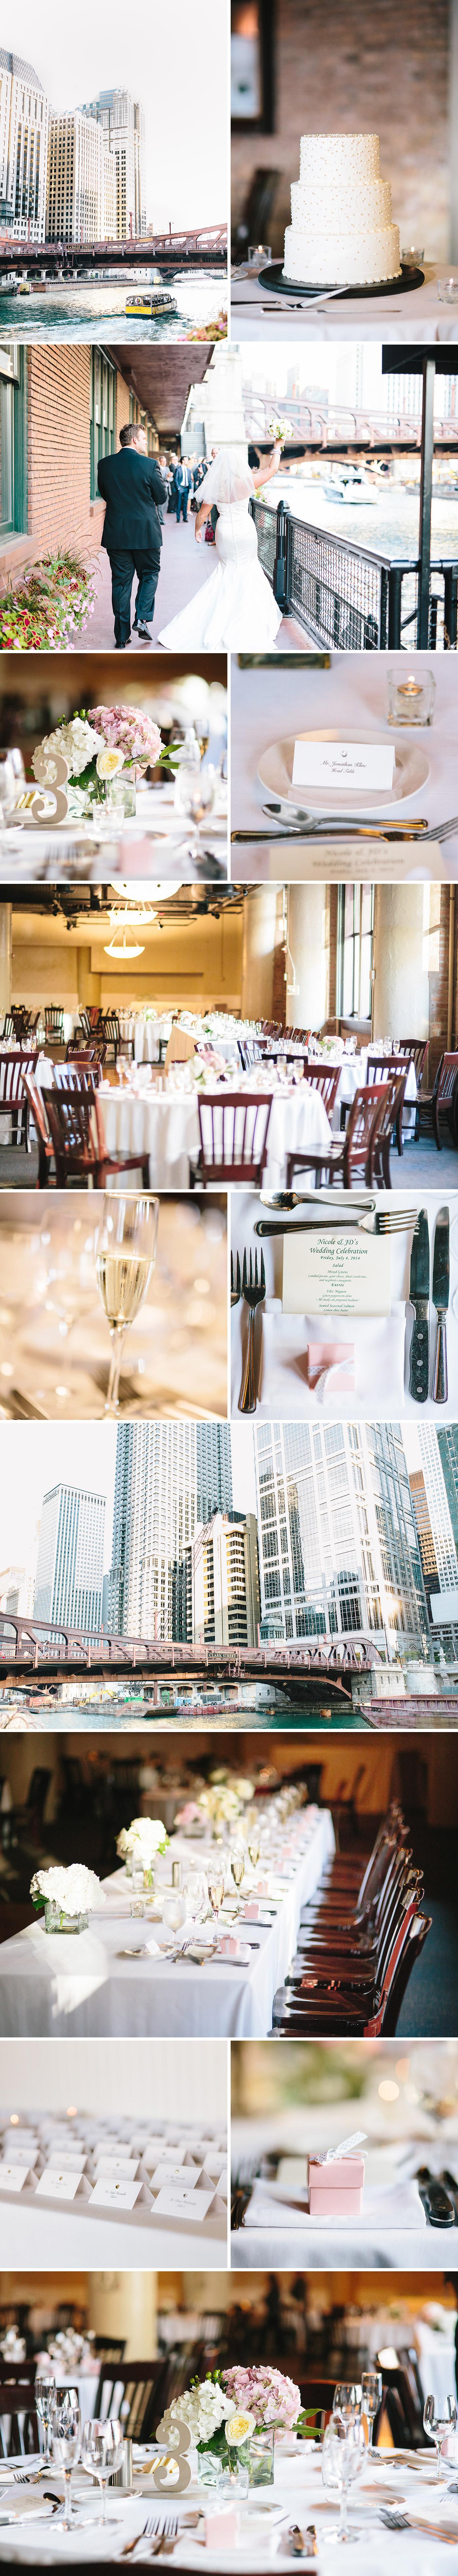 Chicago_Fine_Art_Wedding_Photography_kline3.jpg